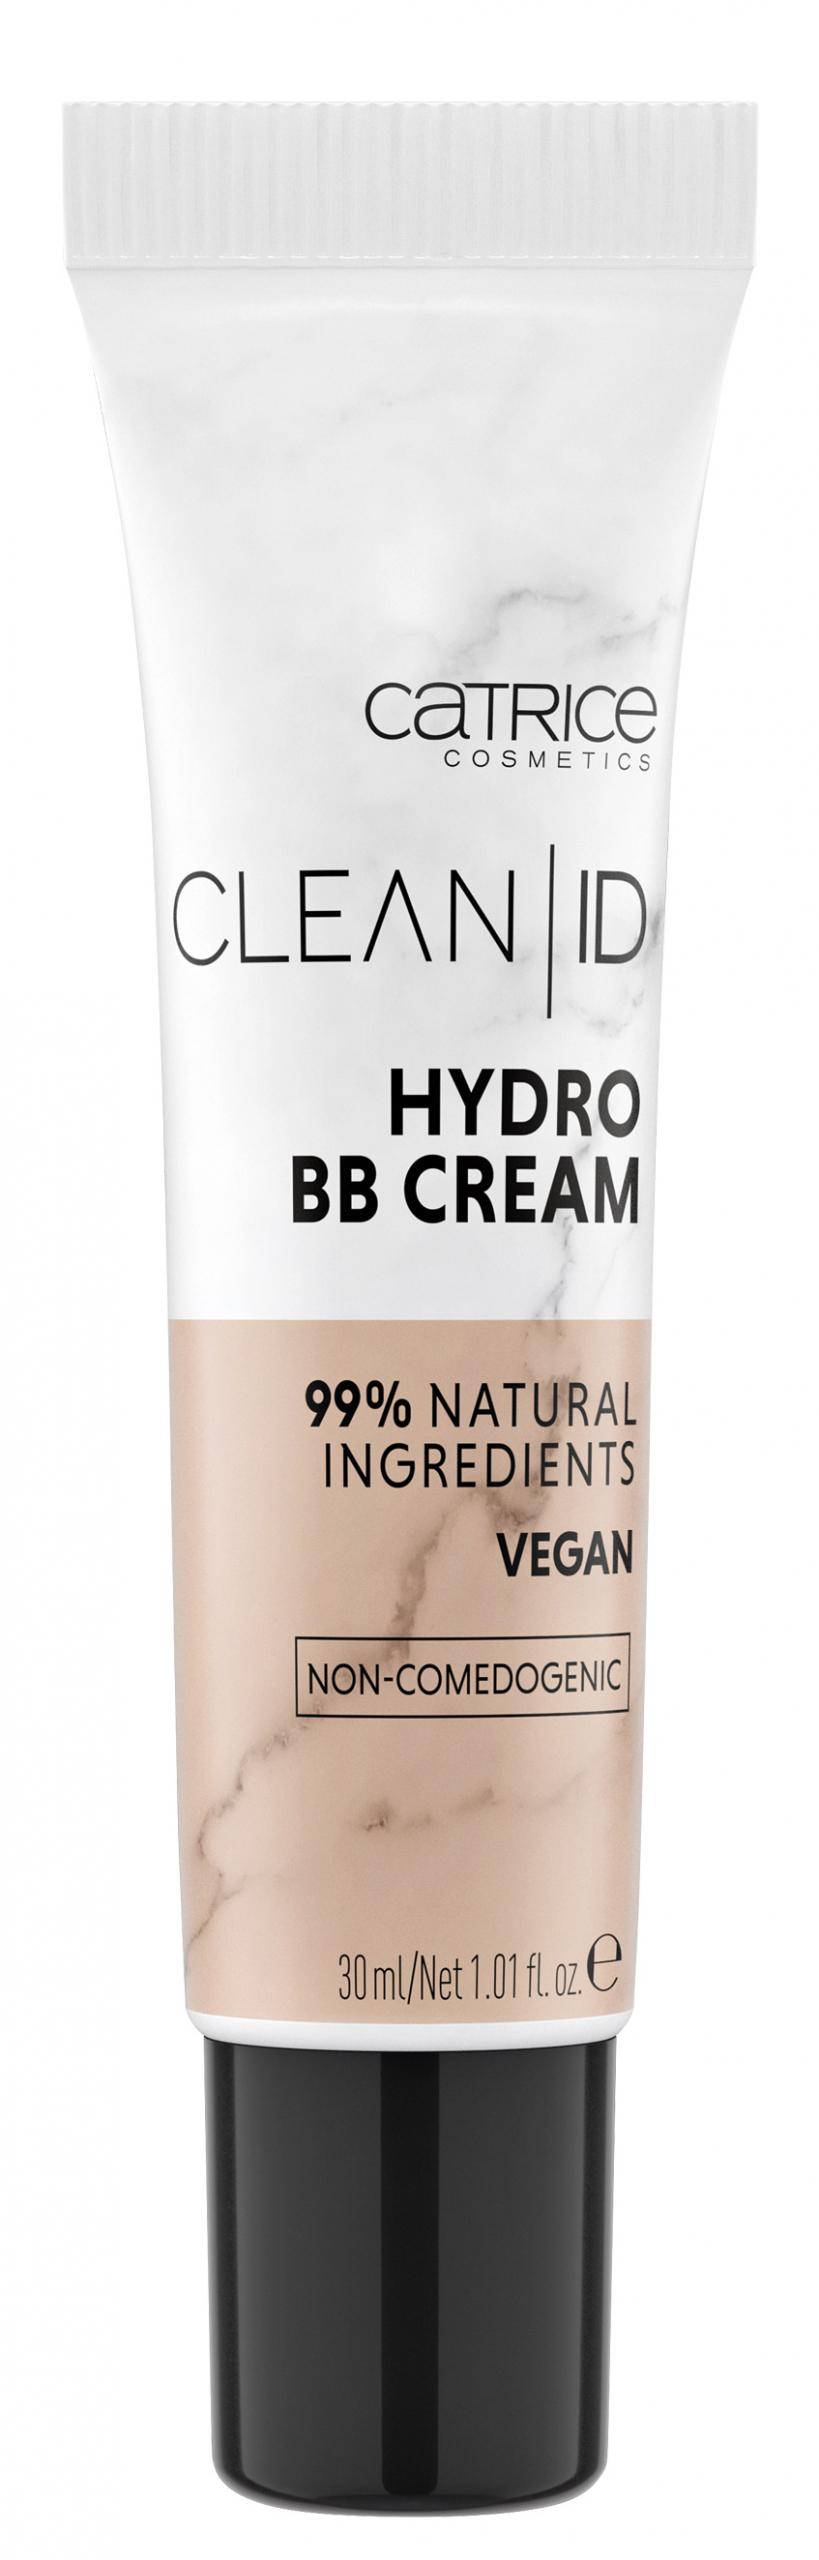 Увлажняющий BB-крем Clean ID Hydro BB cream CATRICE